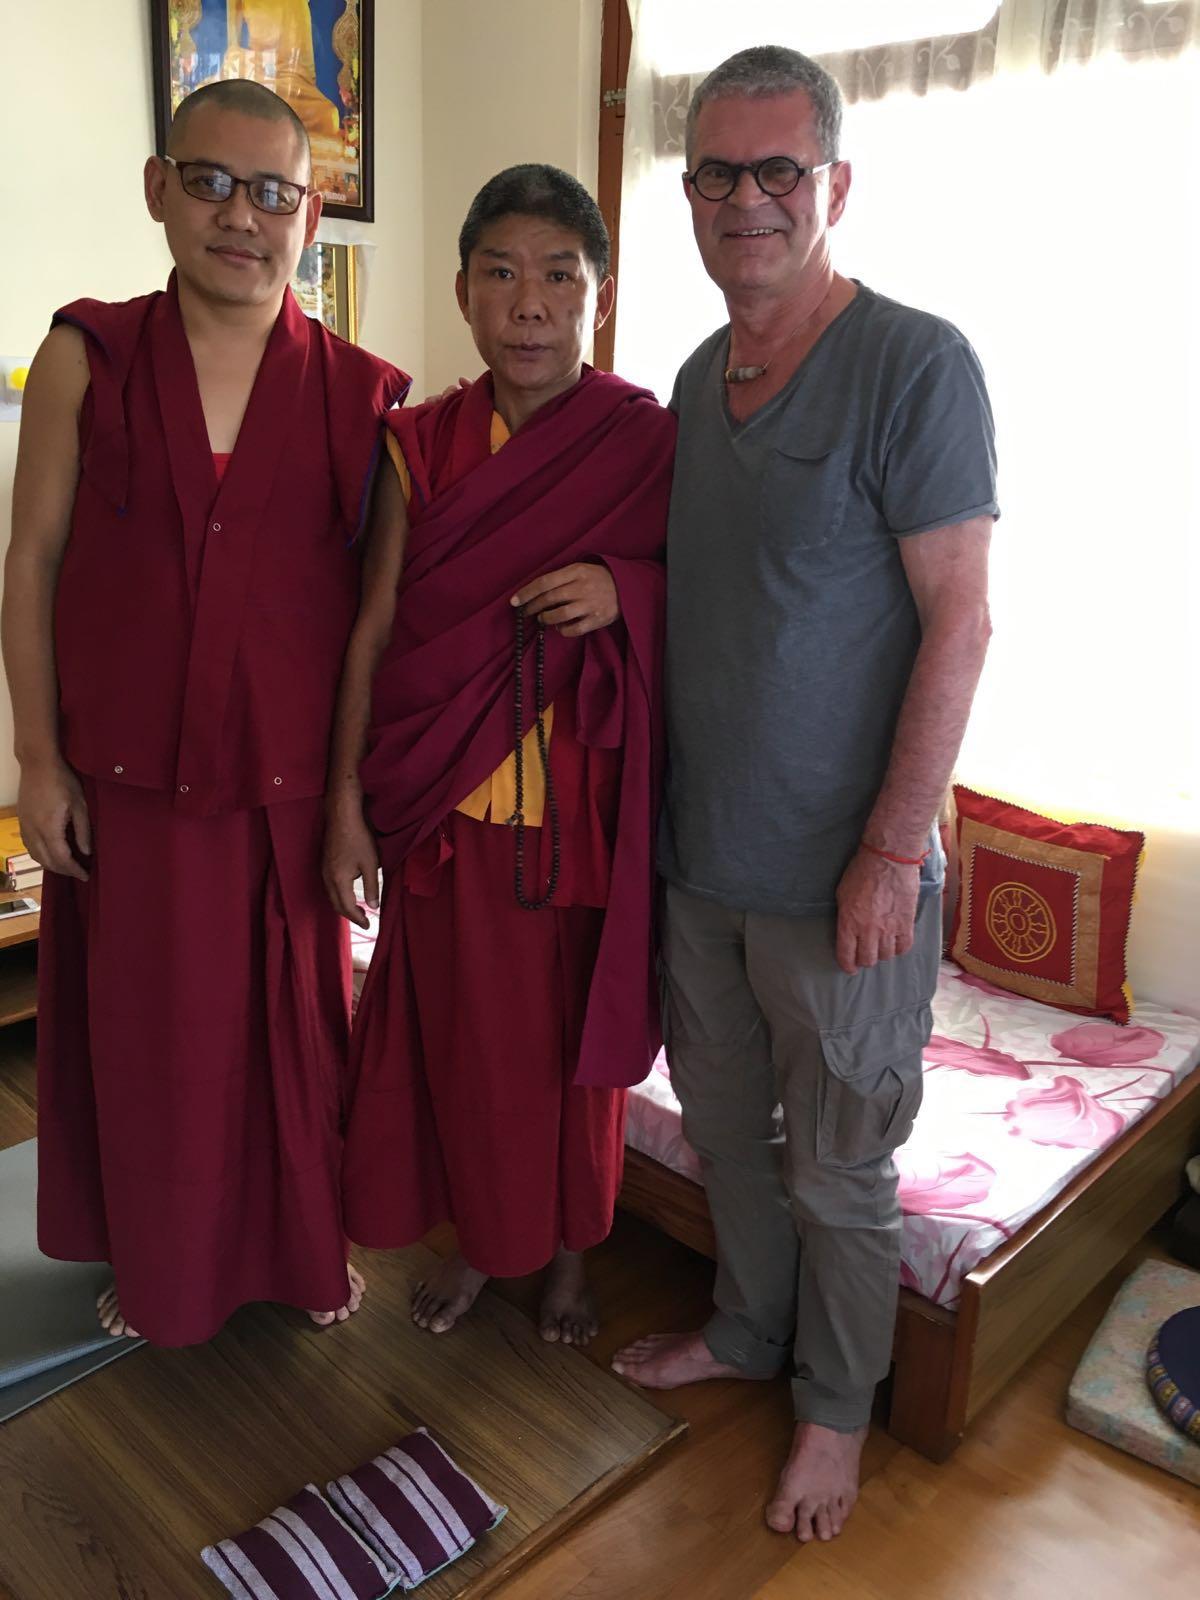 Lobsang Wangchuk -2